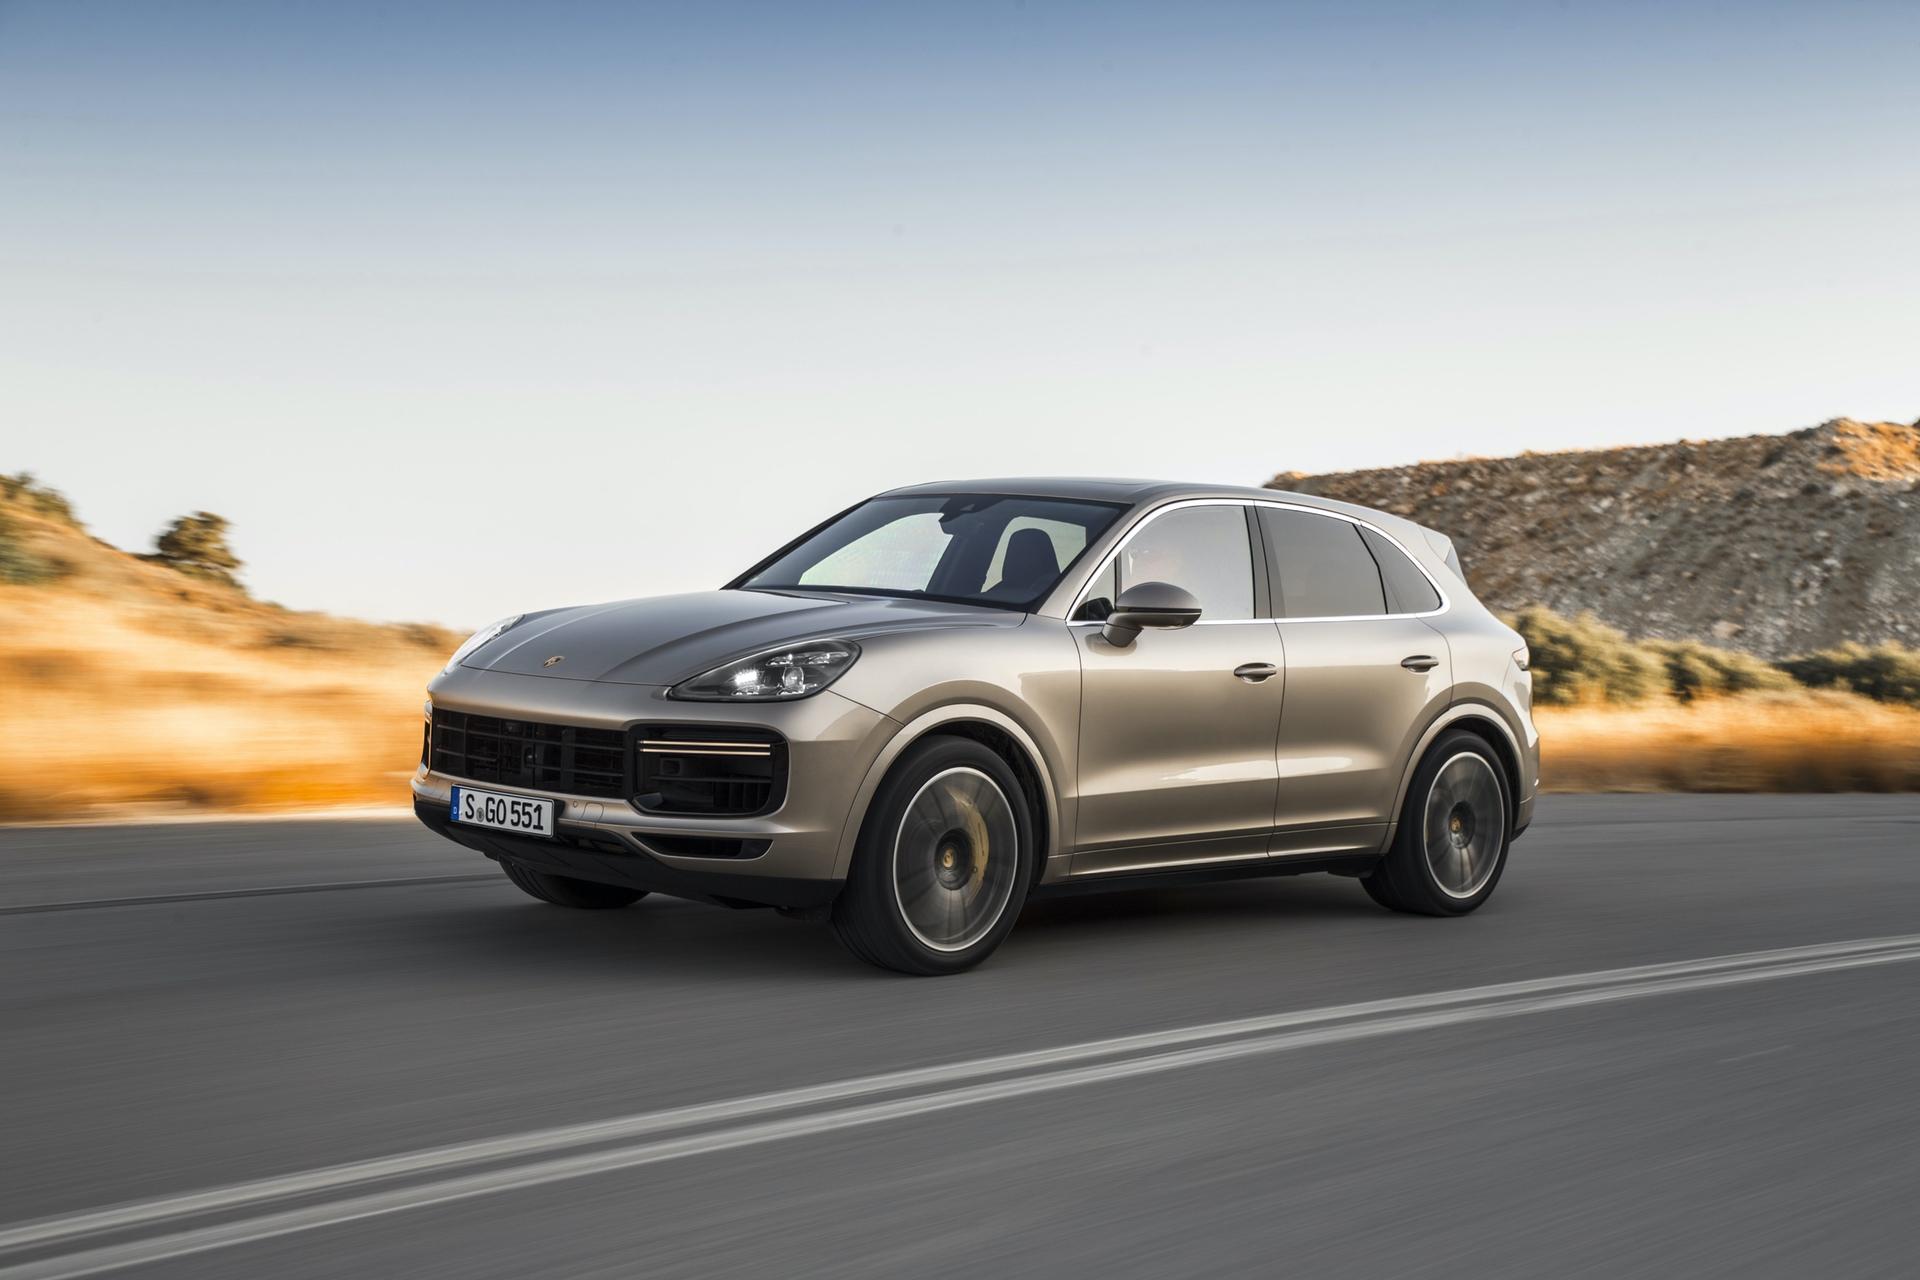 Test_Drive_Porsche_Cayenne_109